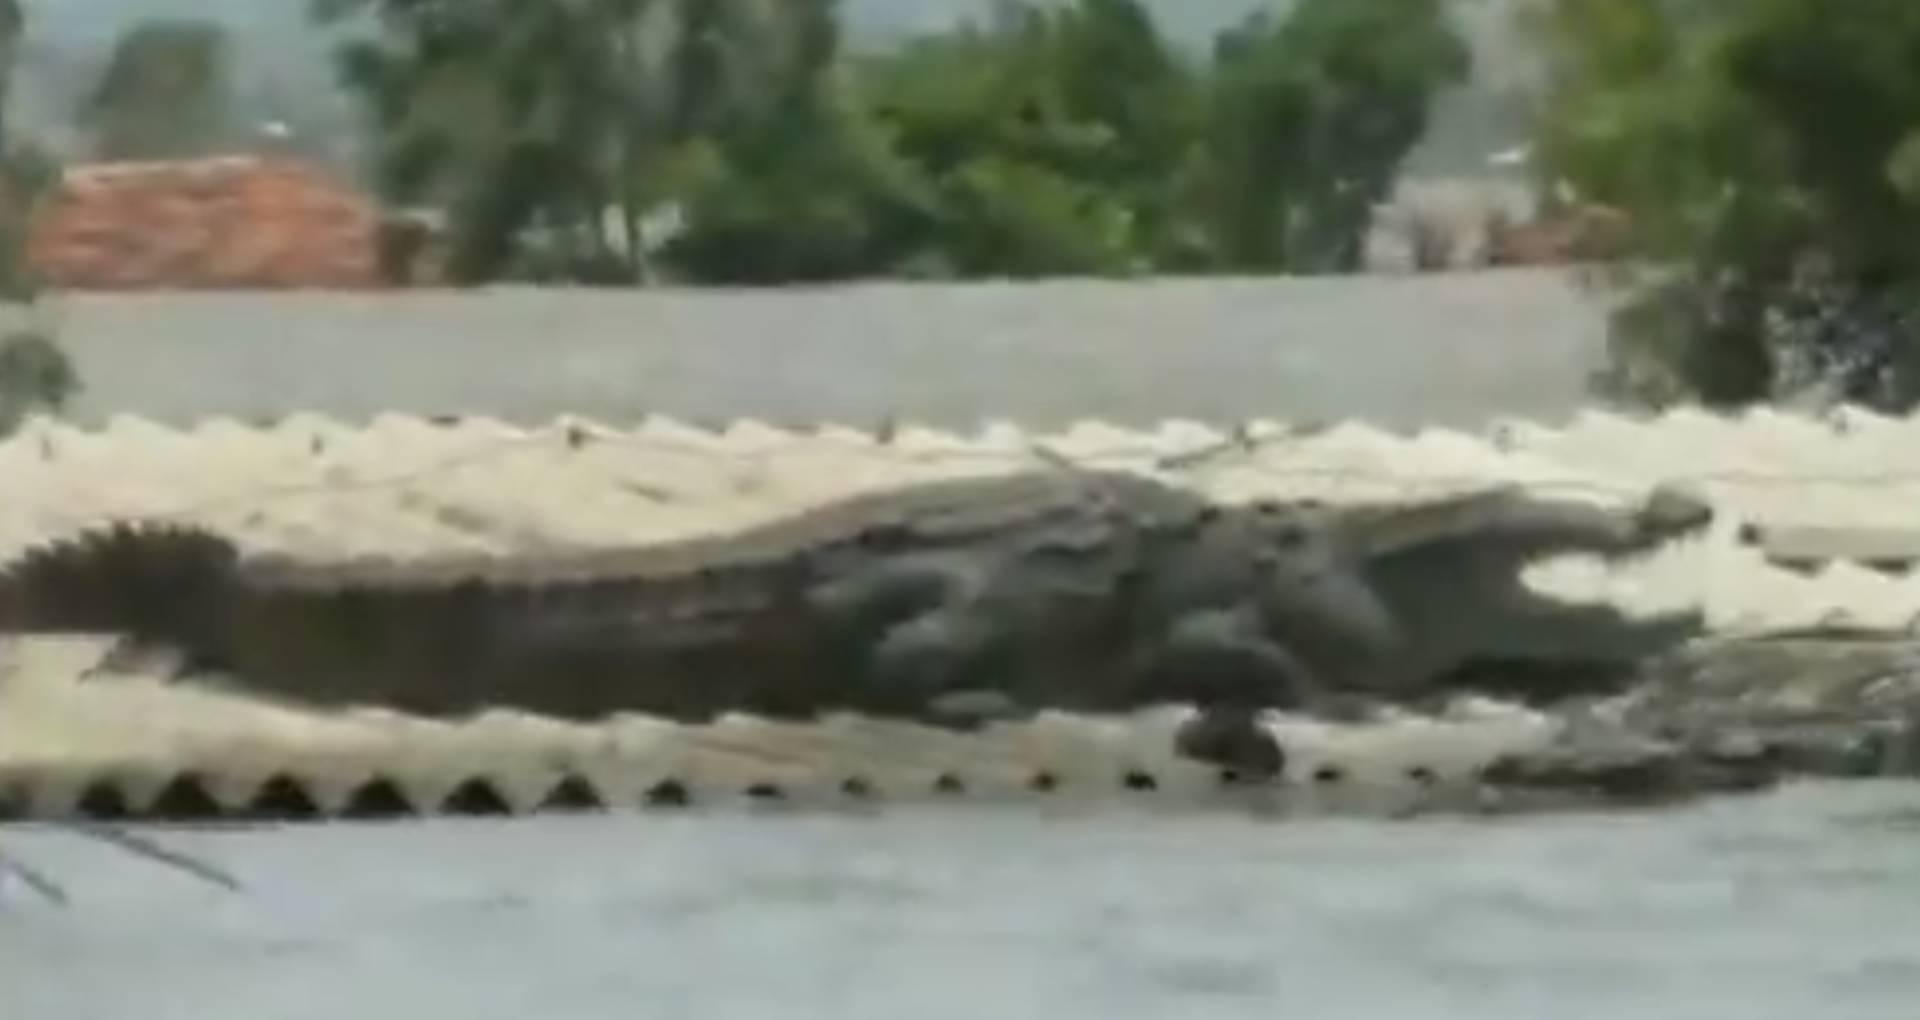 बाढ़ से बचने के लिए मगरमच्छ ने अपनाई ये ट्रिक्स, तो हैरान हुए लोग, देखिए ये वायरल वीडियो